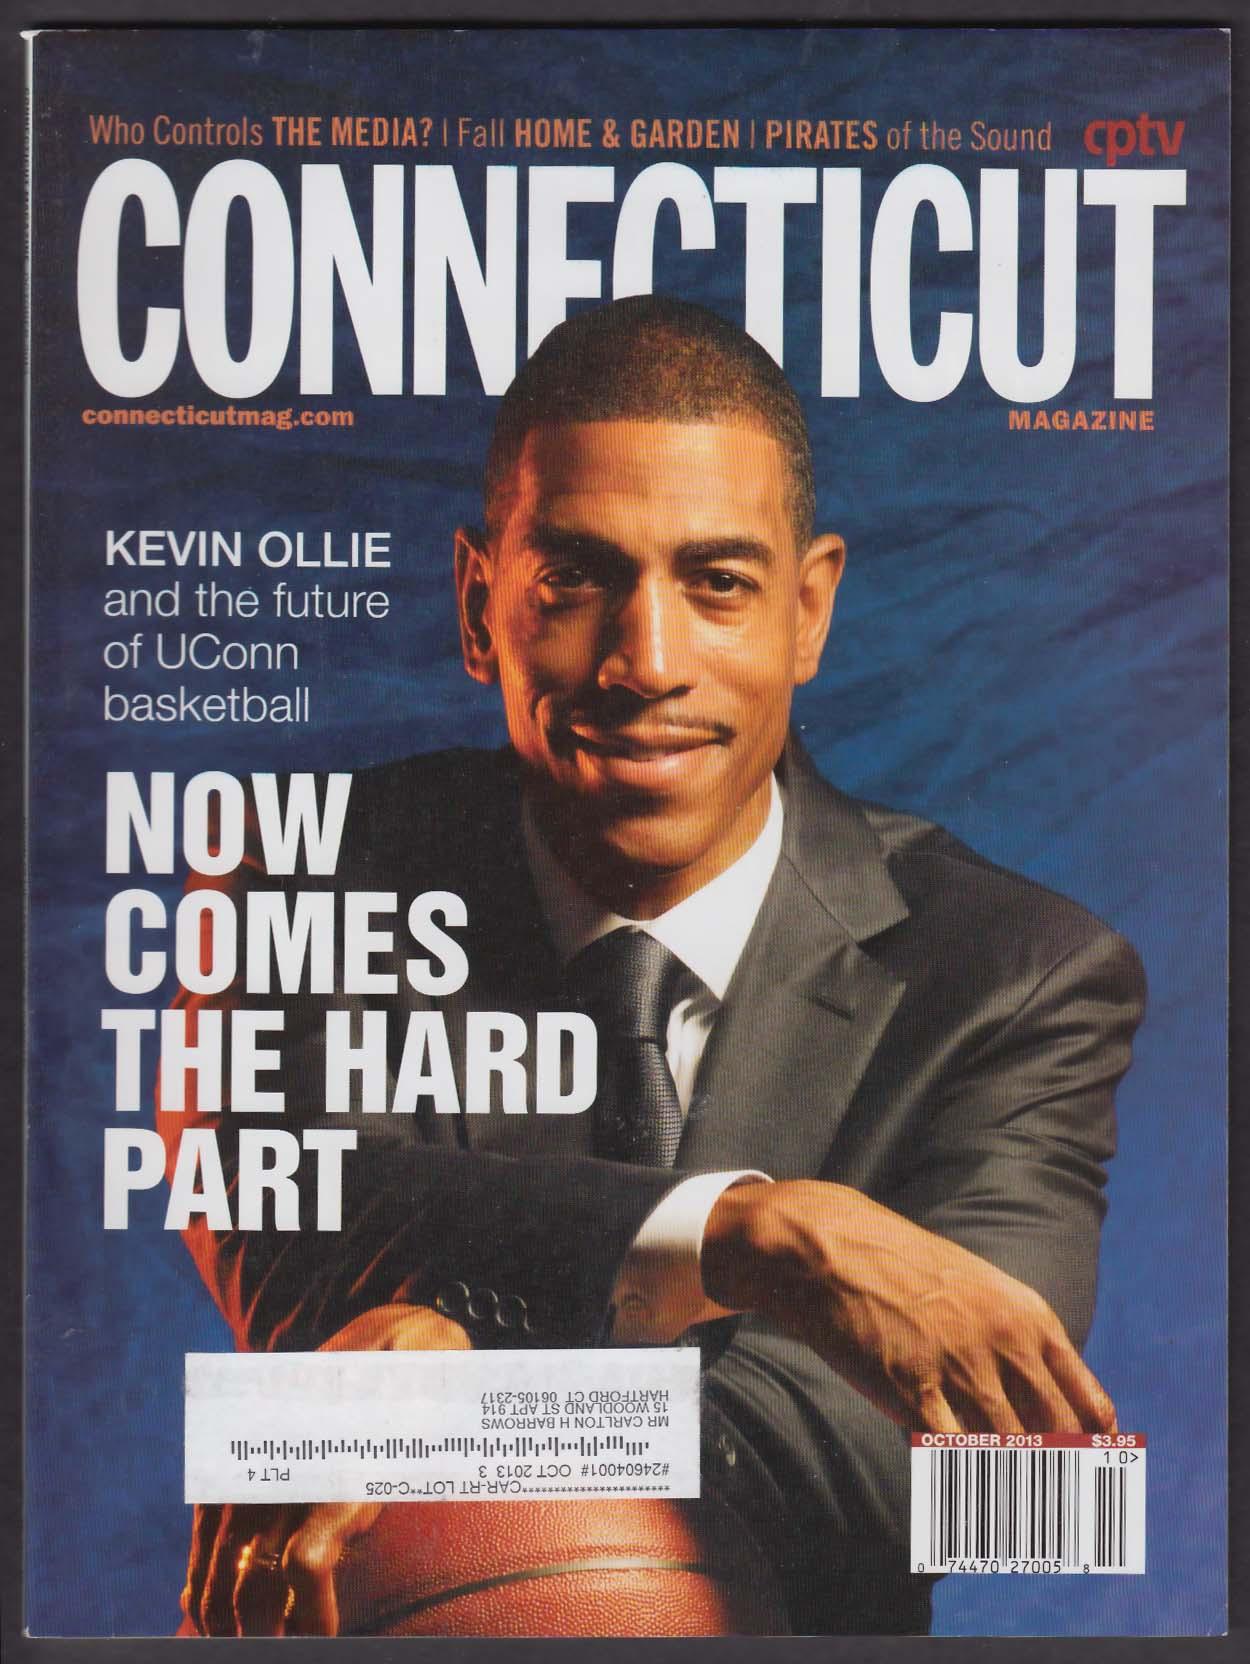 CONNECTICUT Kevin Ollie Jason Alexander Rhonda Vincent Obamacare 10 2013